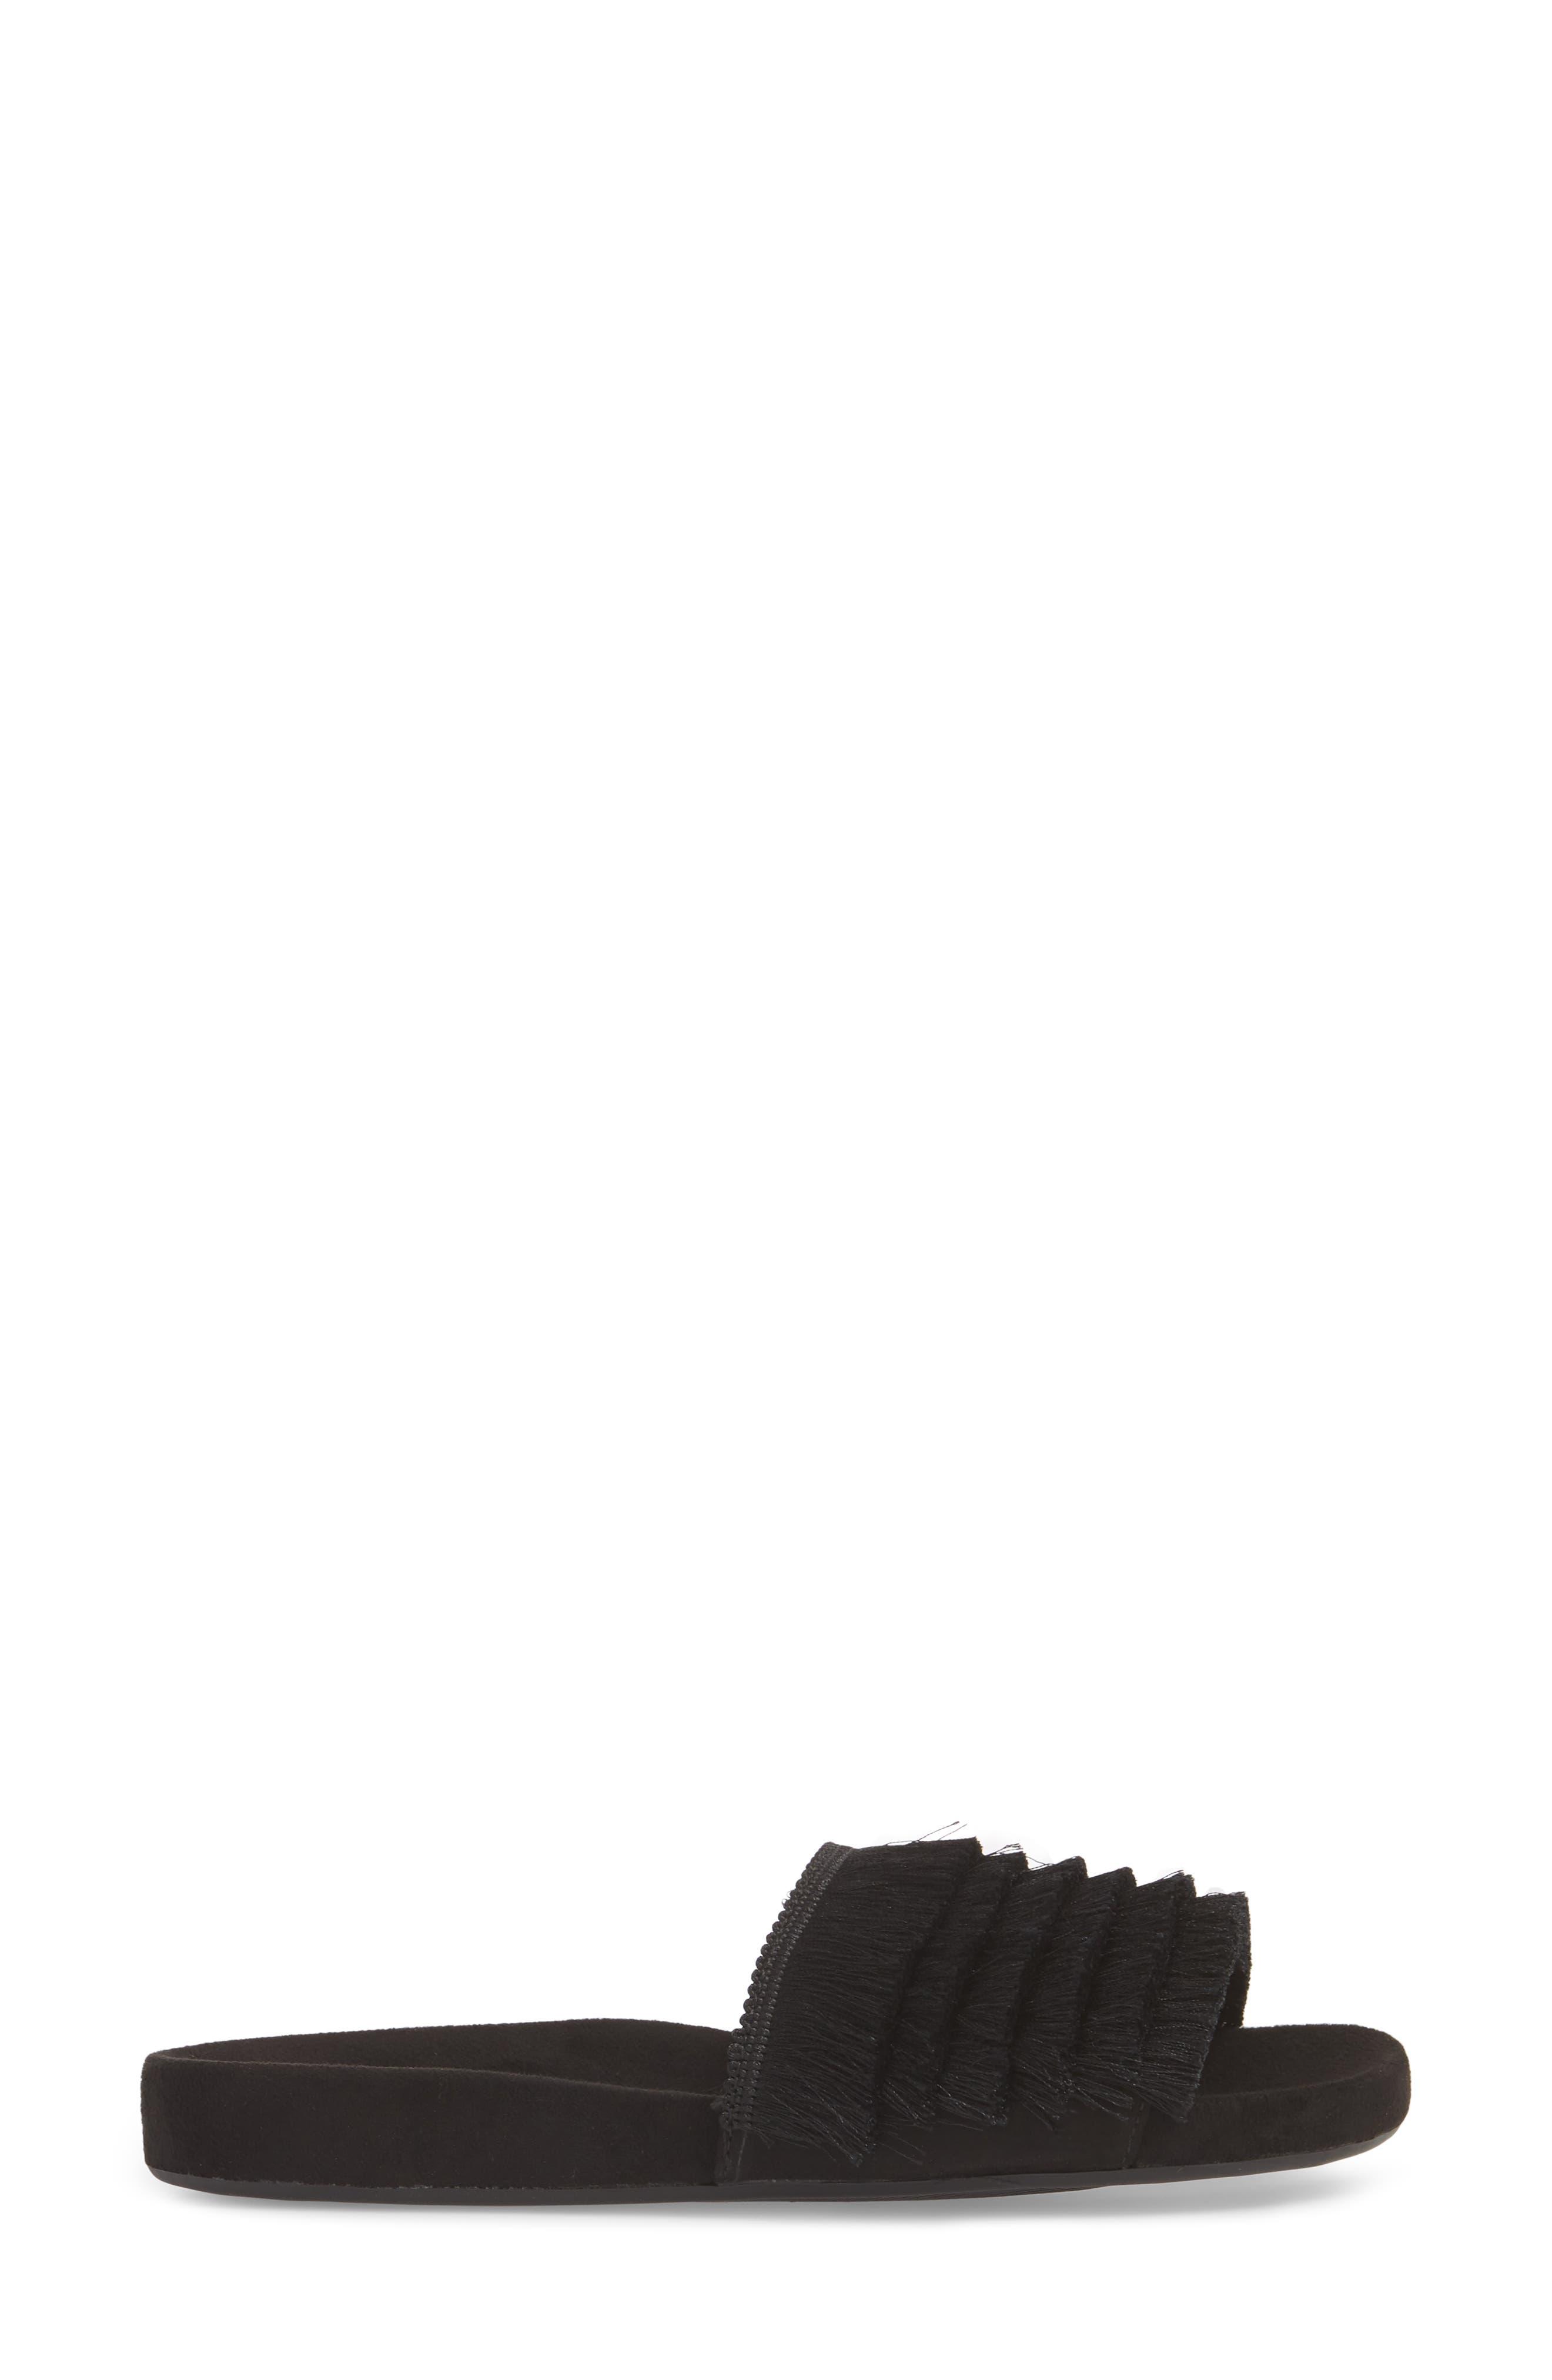 Hun Fringe Slide Sandal,                             Alternate thumbnail 3, color,                             Black